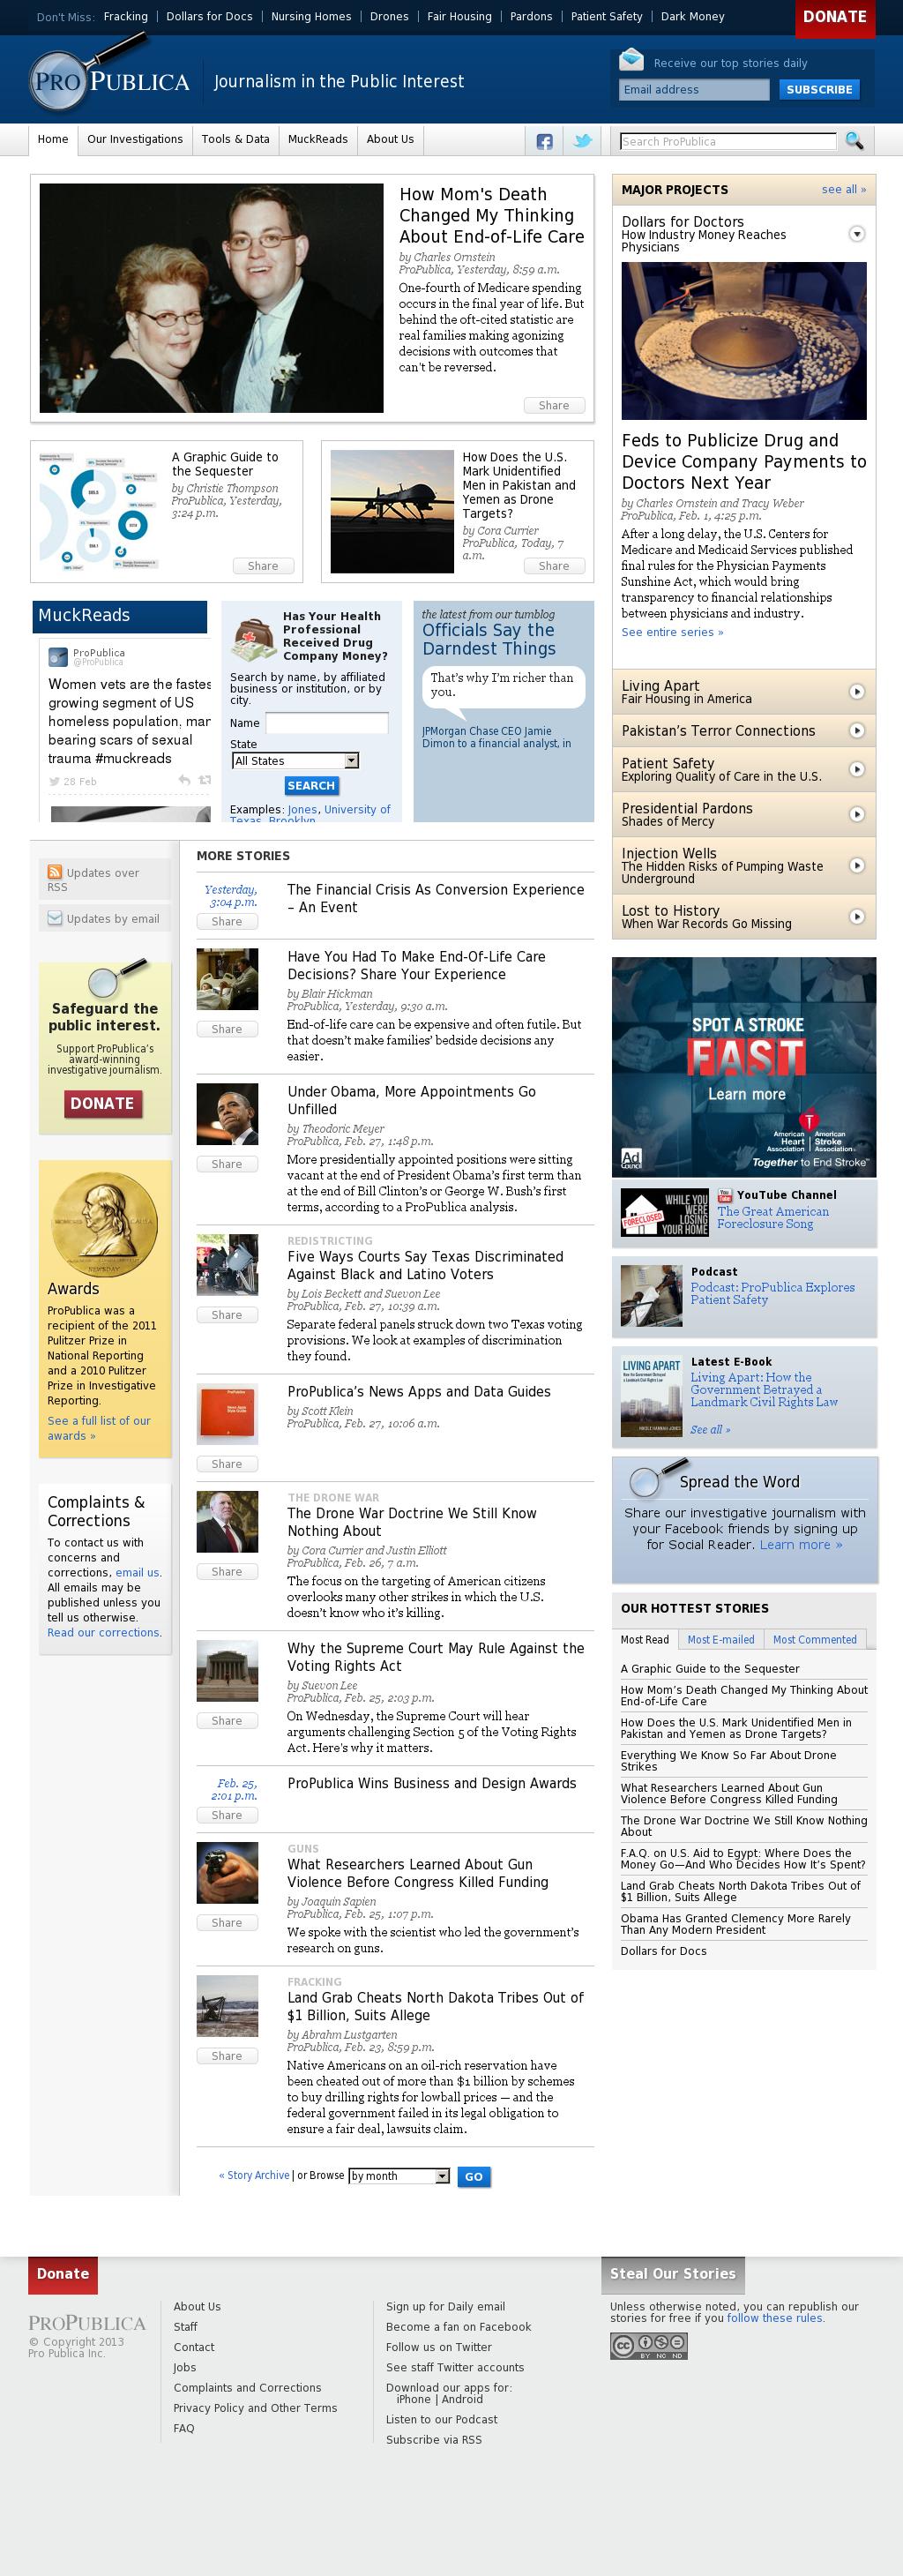 ProPublica at Saturday March 2, 2013, 2:18 a.m. UTC